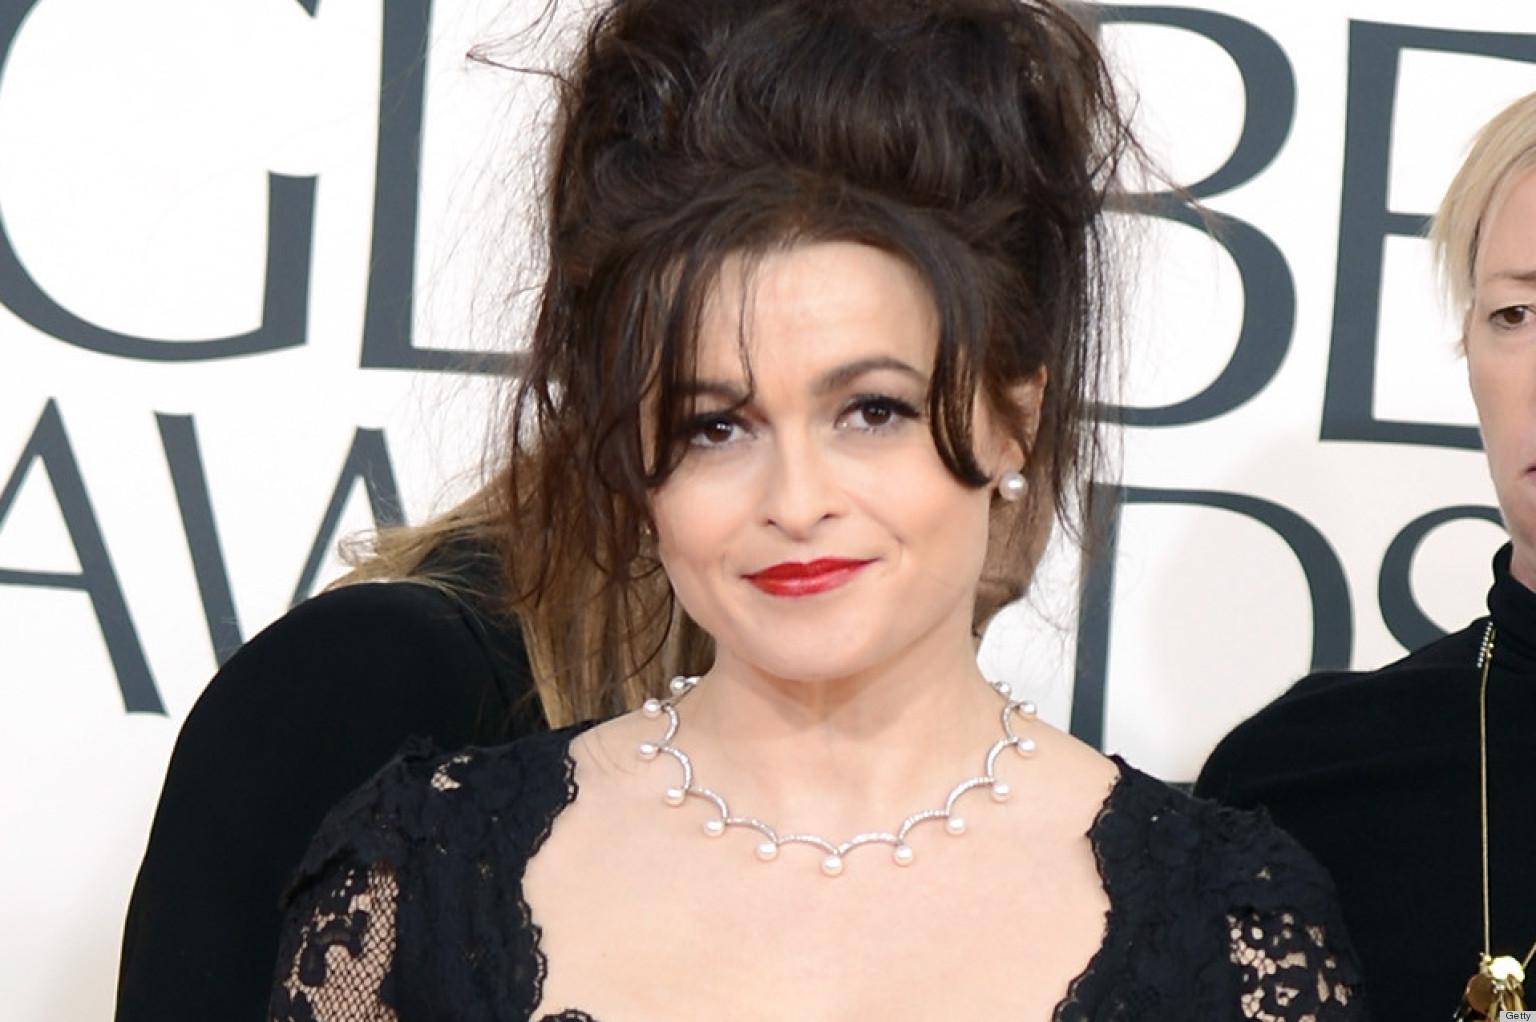 Helena Bonham Carter Golden Globes Dress 2013: See Her Red Carpet Look ... Helena Bonham Carter